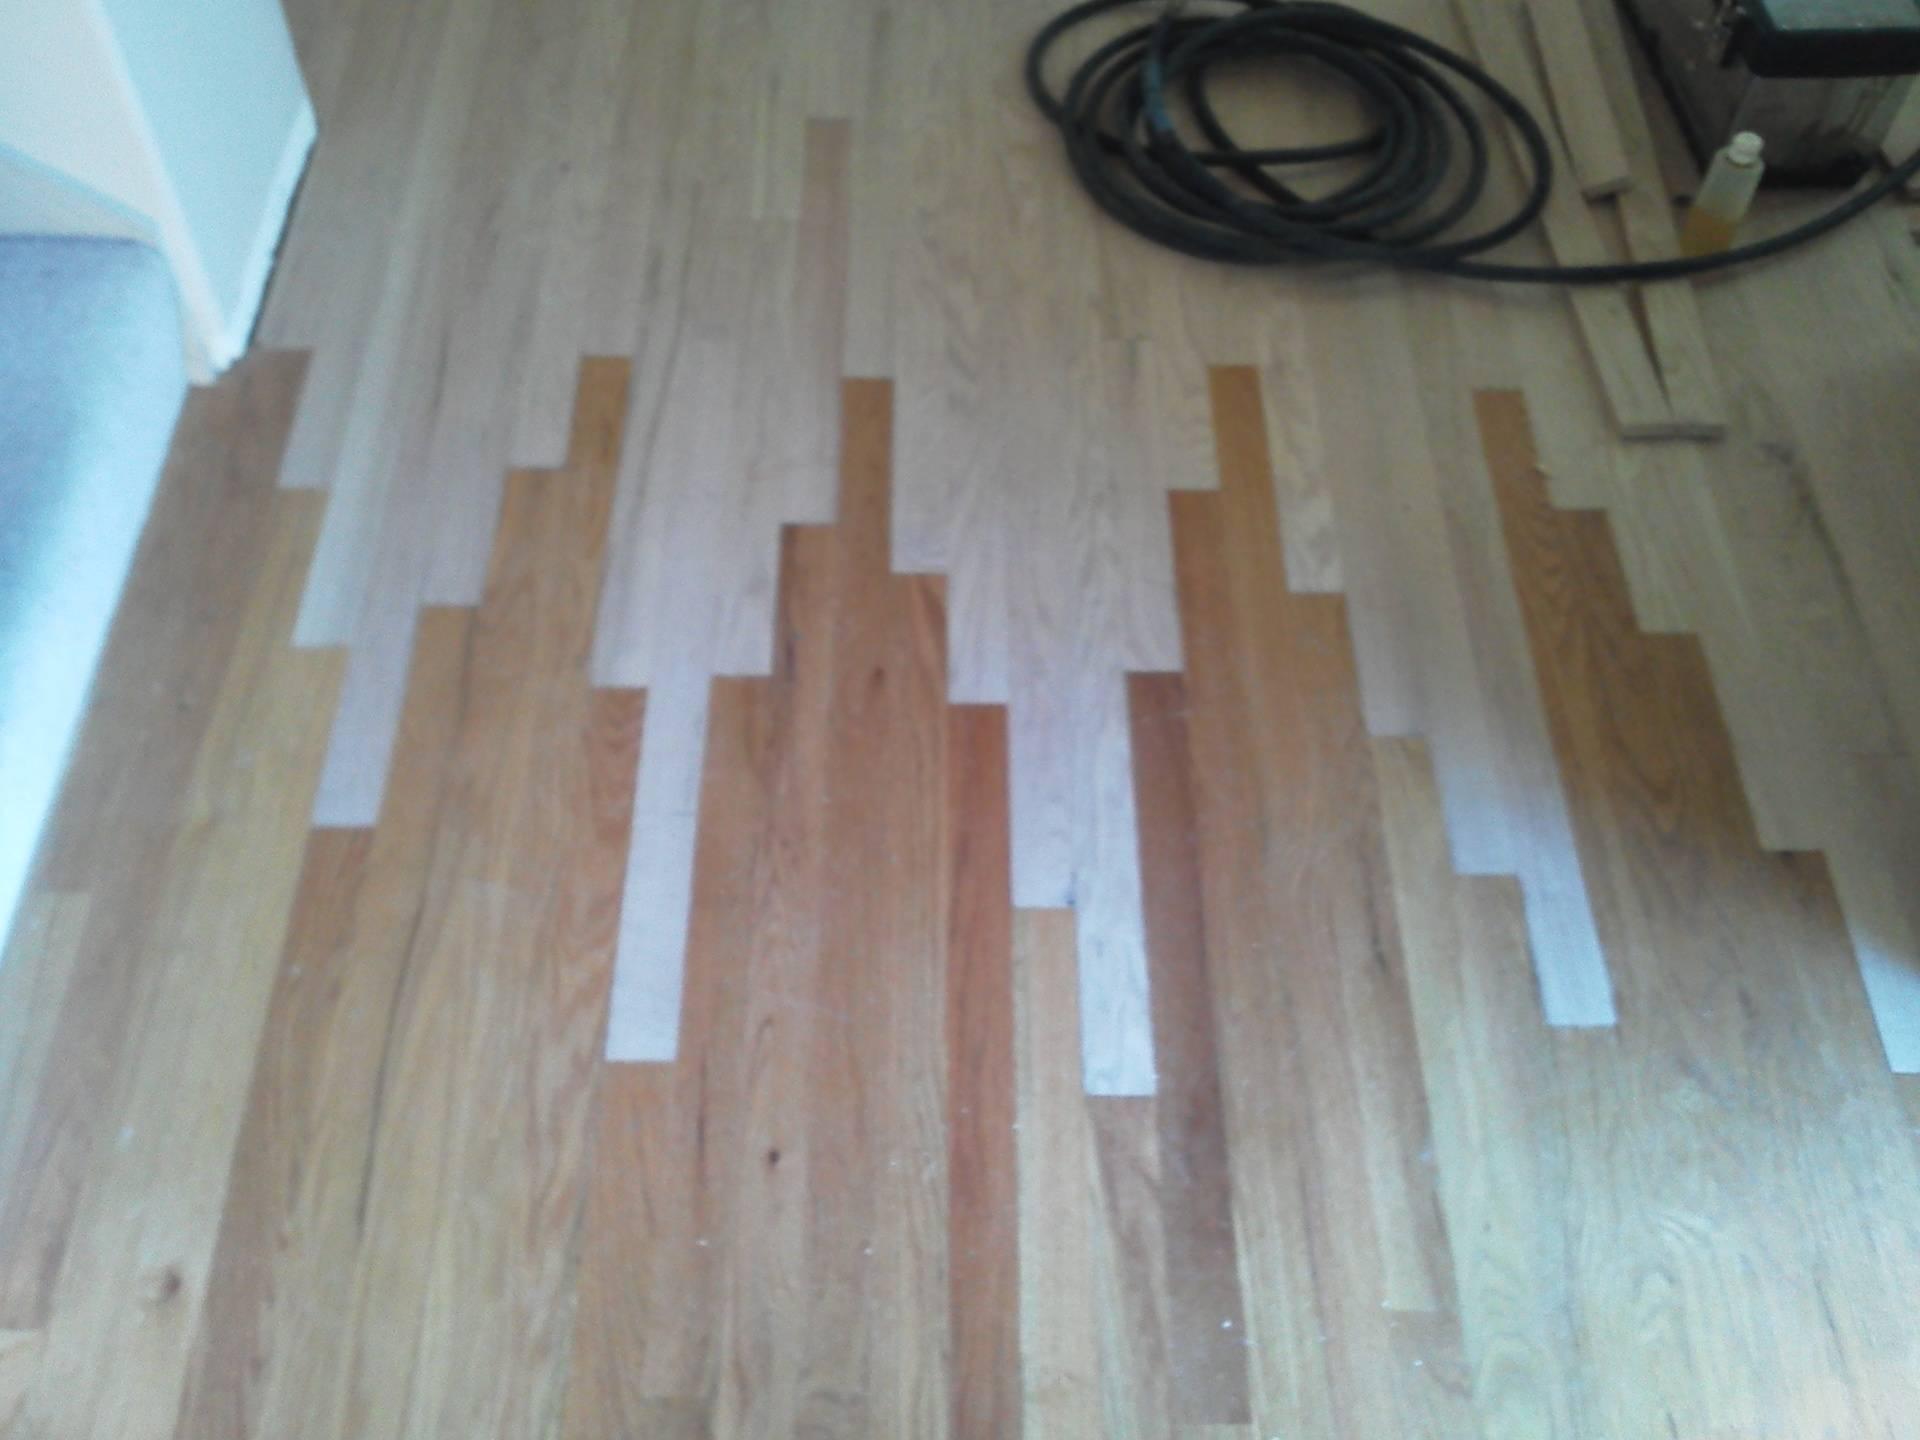 New floor weaving into an old floor.